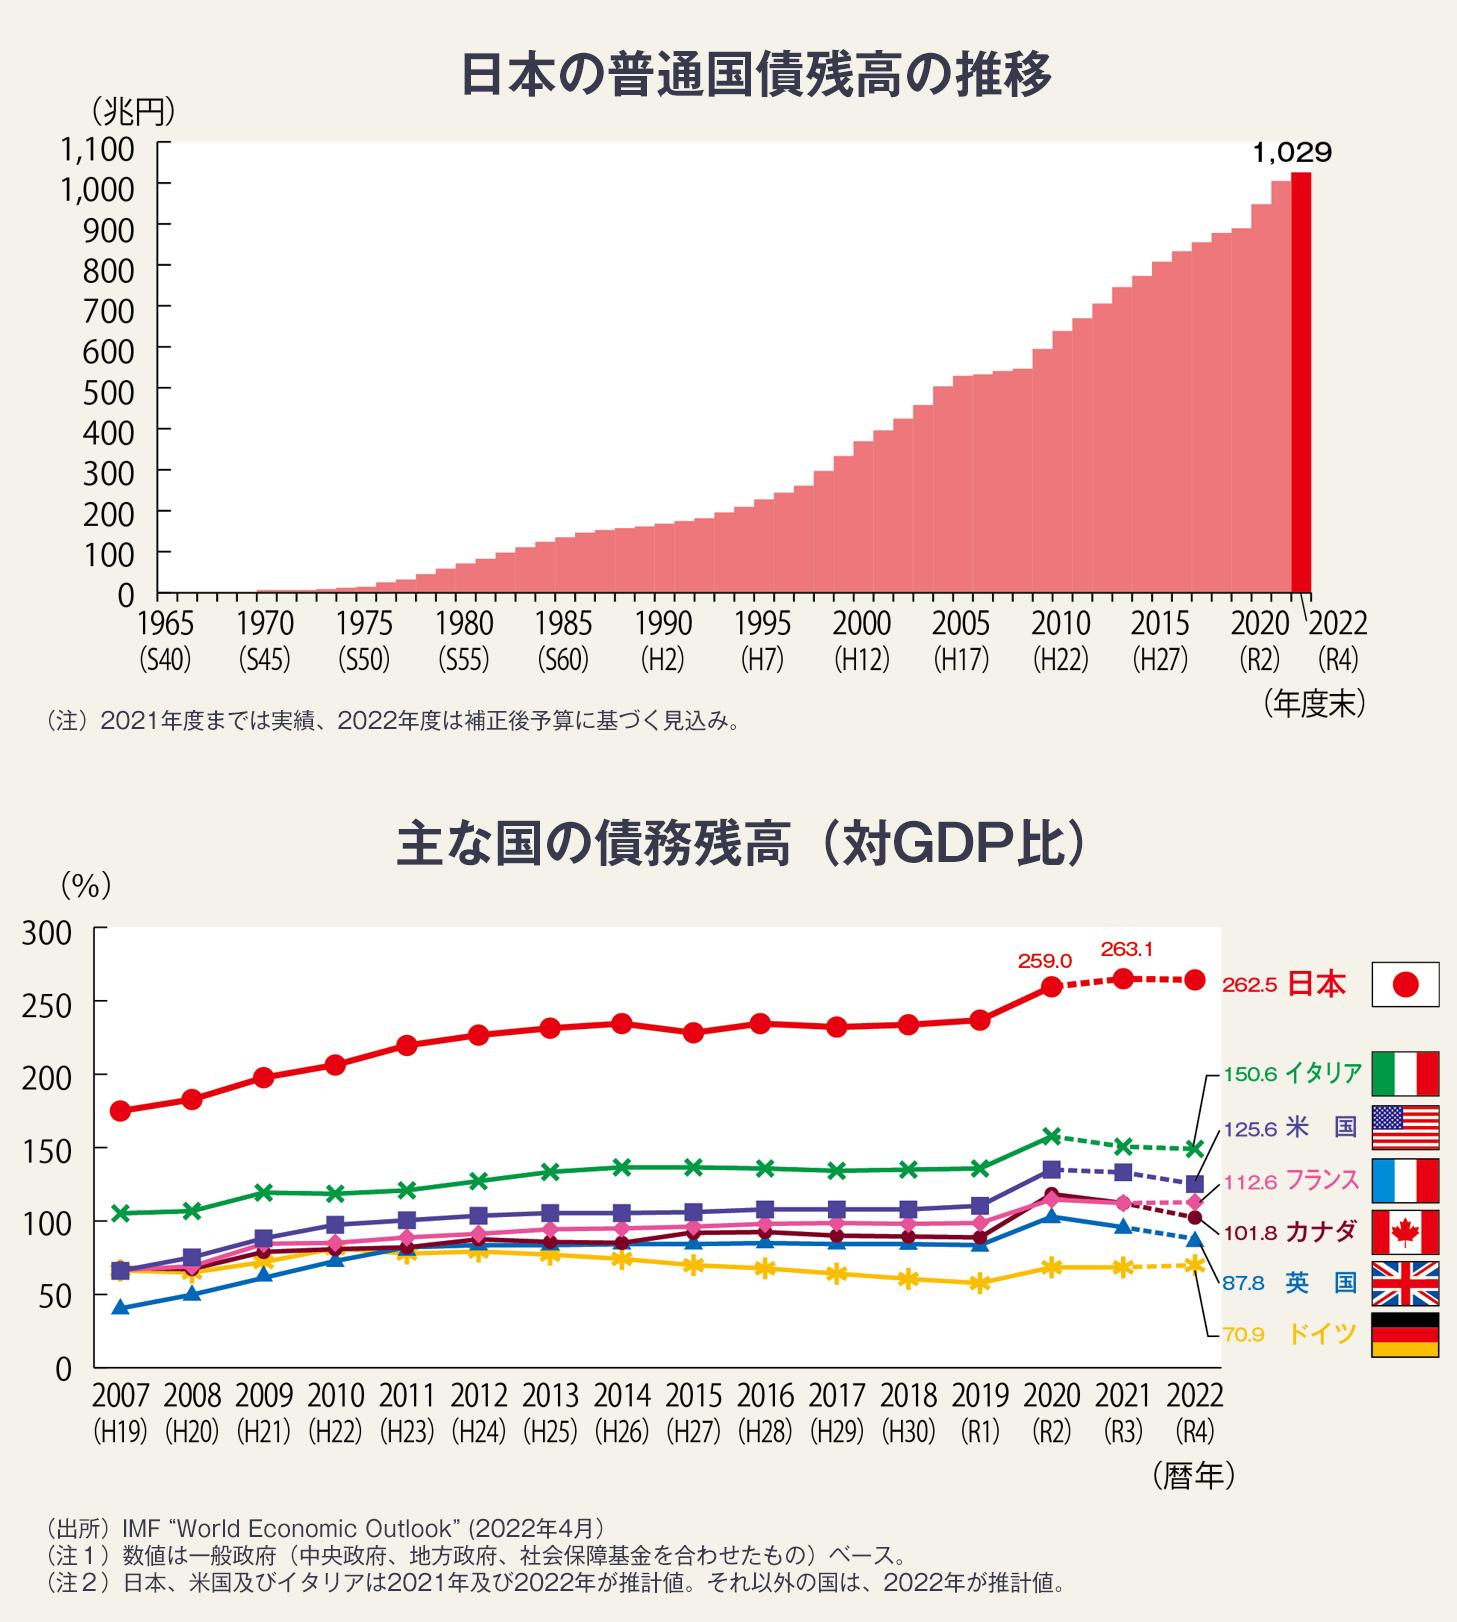 図・ドイツ、カナダ、英国、フランス、アメリカ、イタリアに比べて、日本の債務残高が非常に高いことを示すグラフ。